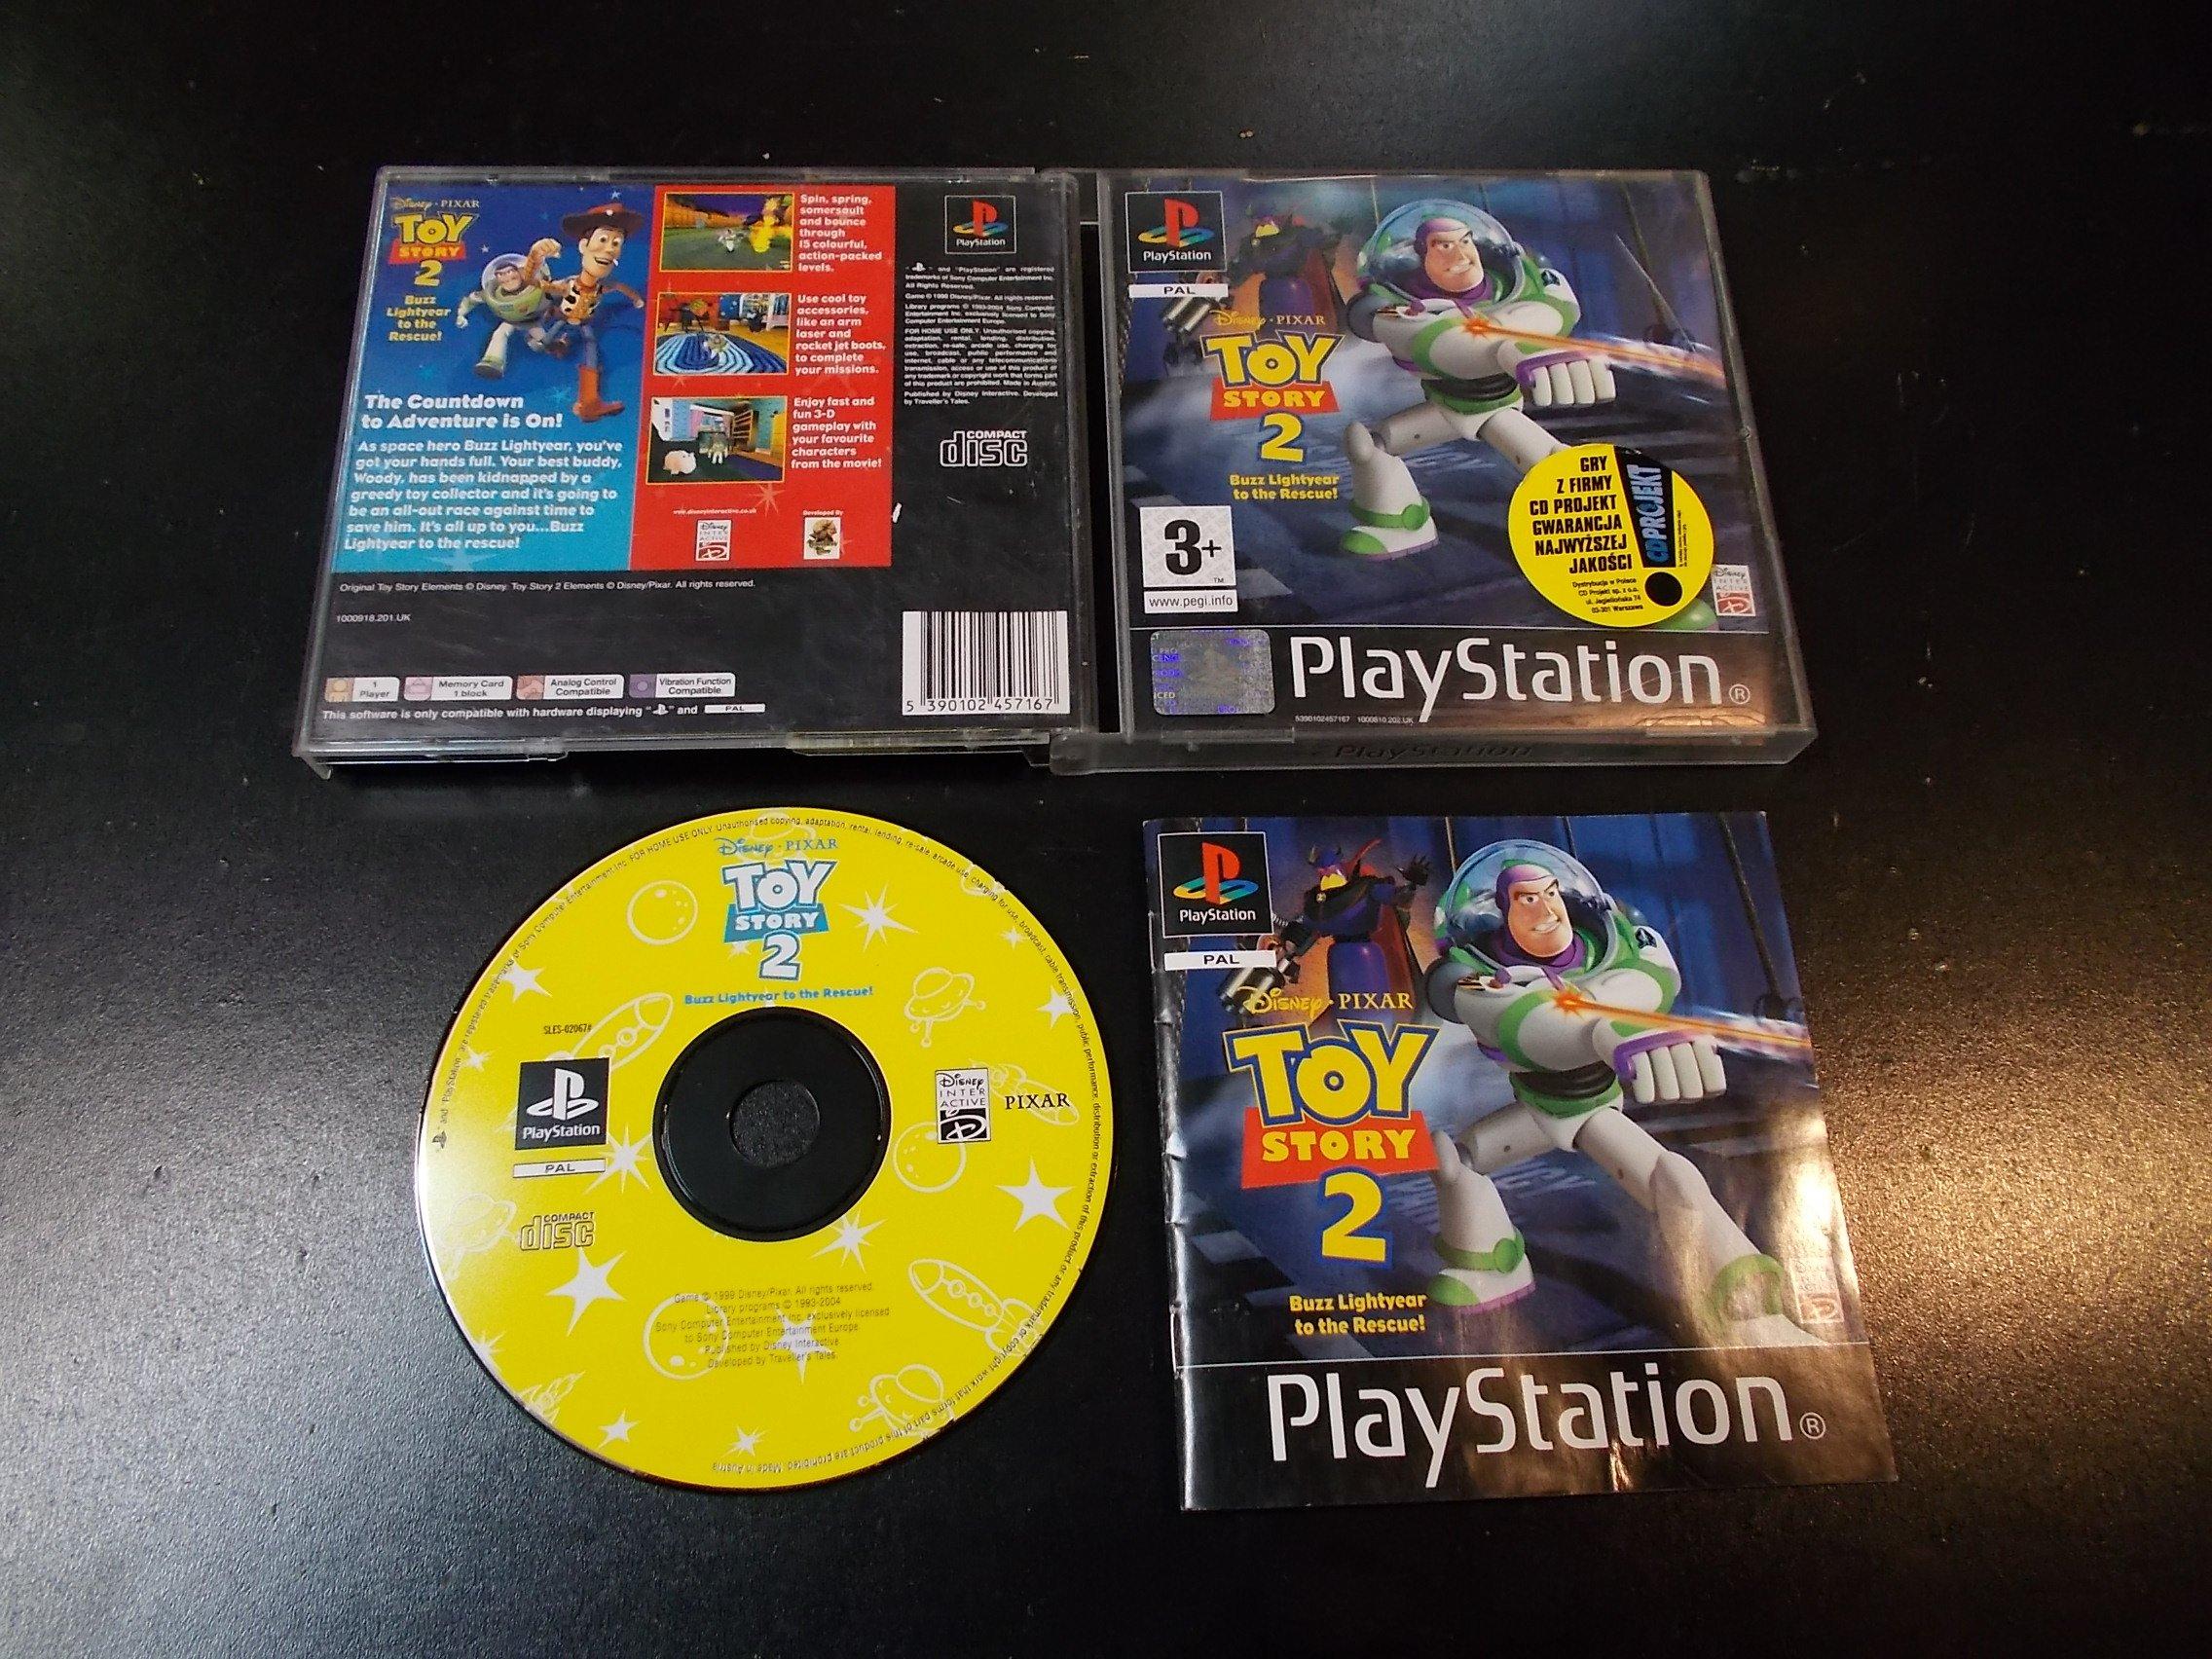 Disney Toy Story 2: Buzz Lightyear - GRA Psx Ps1 Sklep